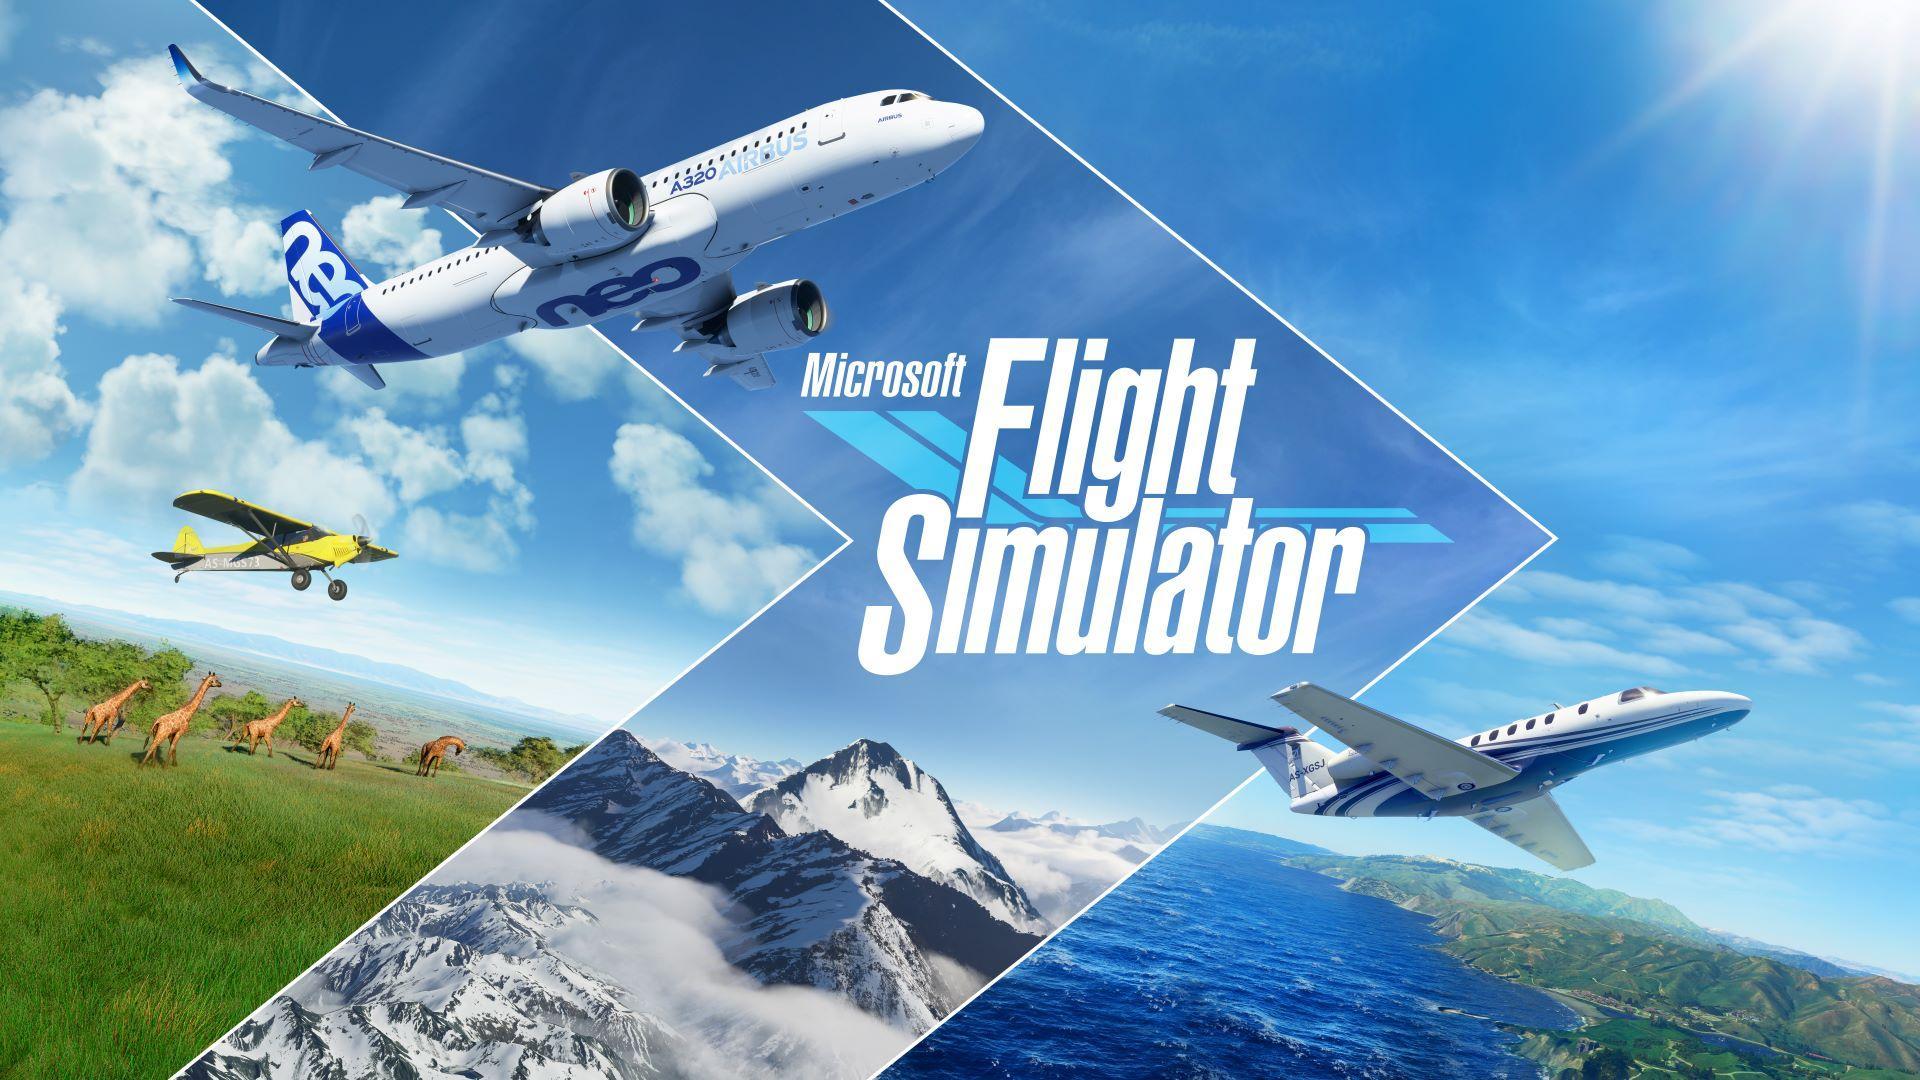 Microsoft Flight Simulator: Disponible Le Premier Patch Qui Résout Différents